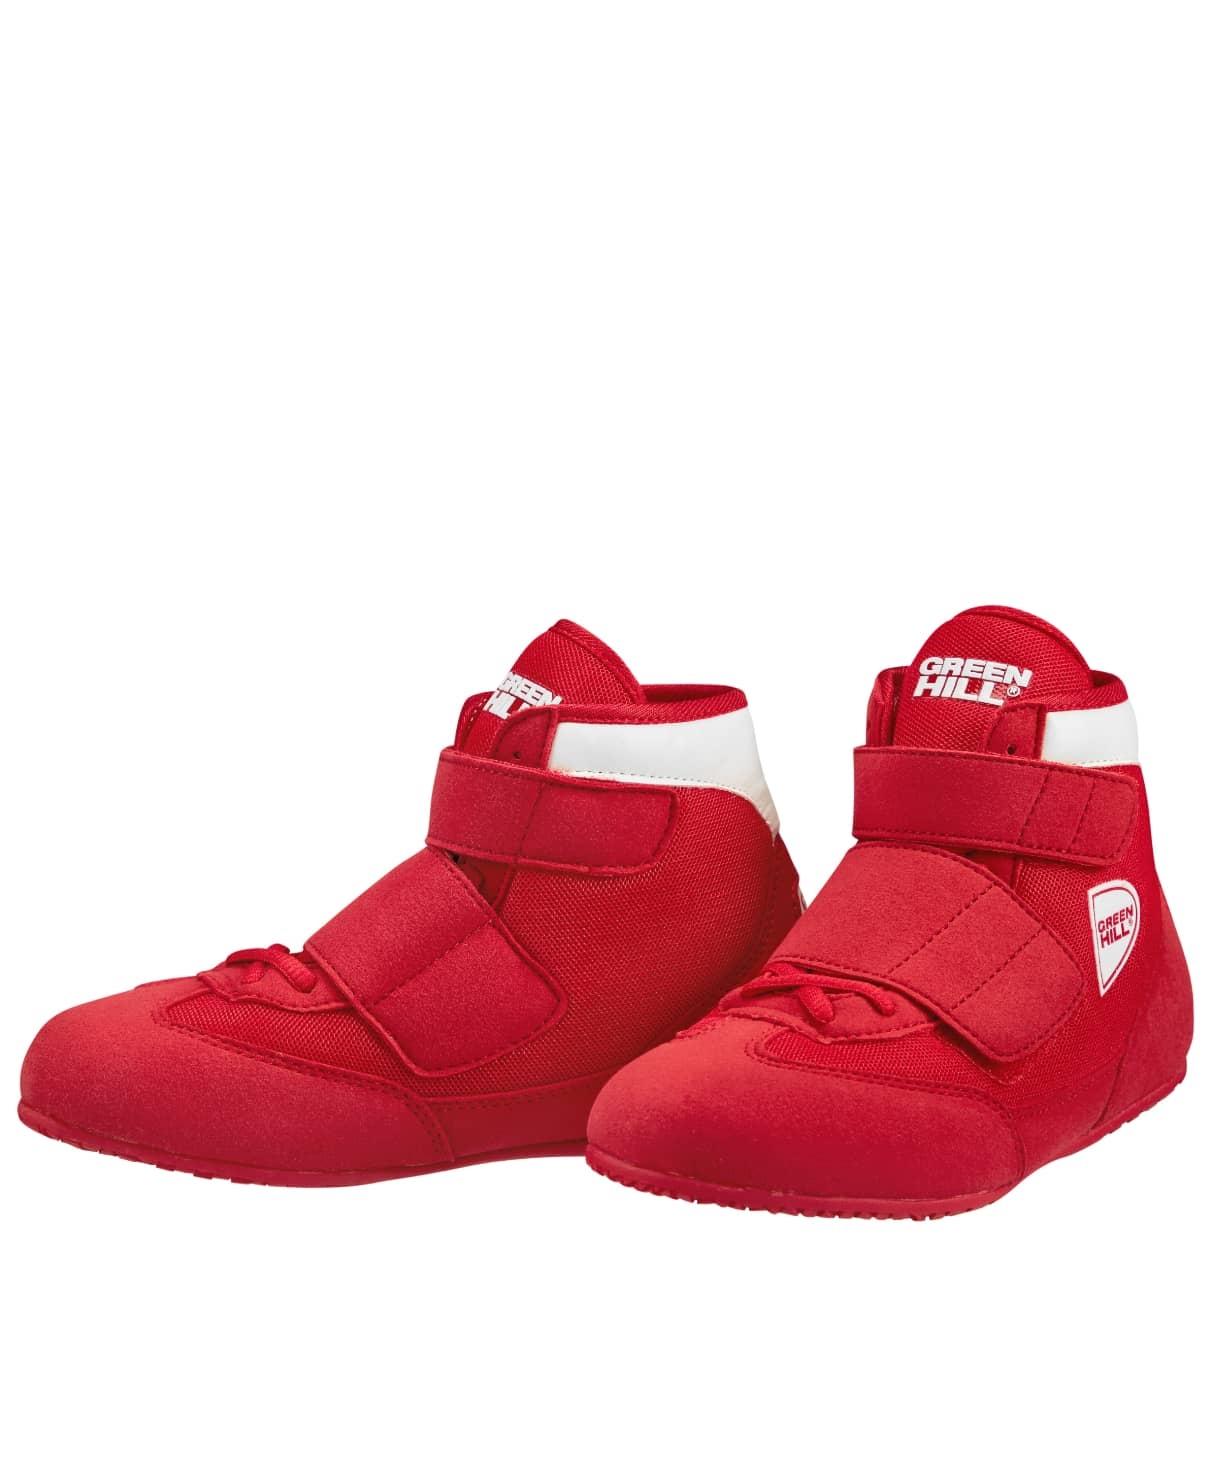 Обувь для борьбы SPARK WSS-3255, красный